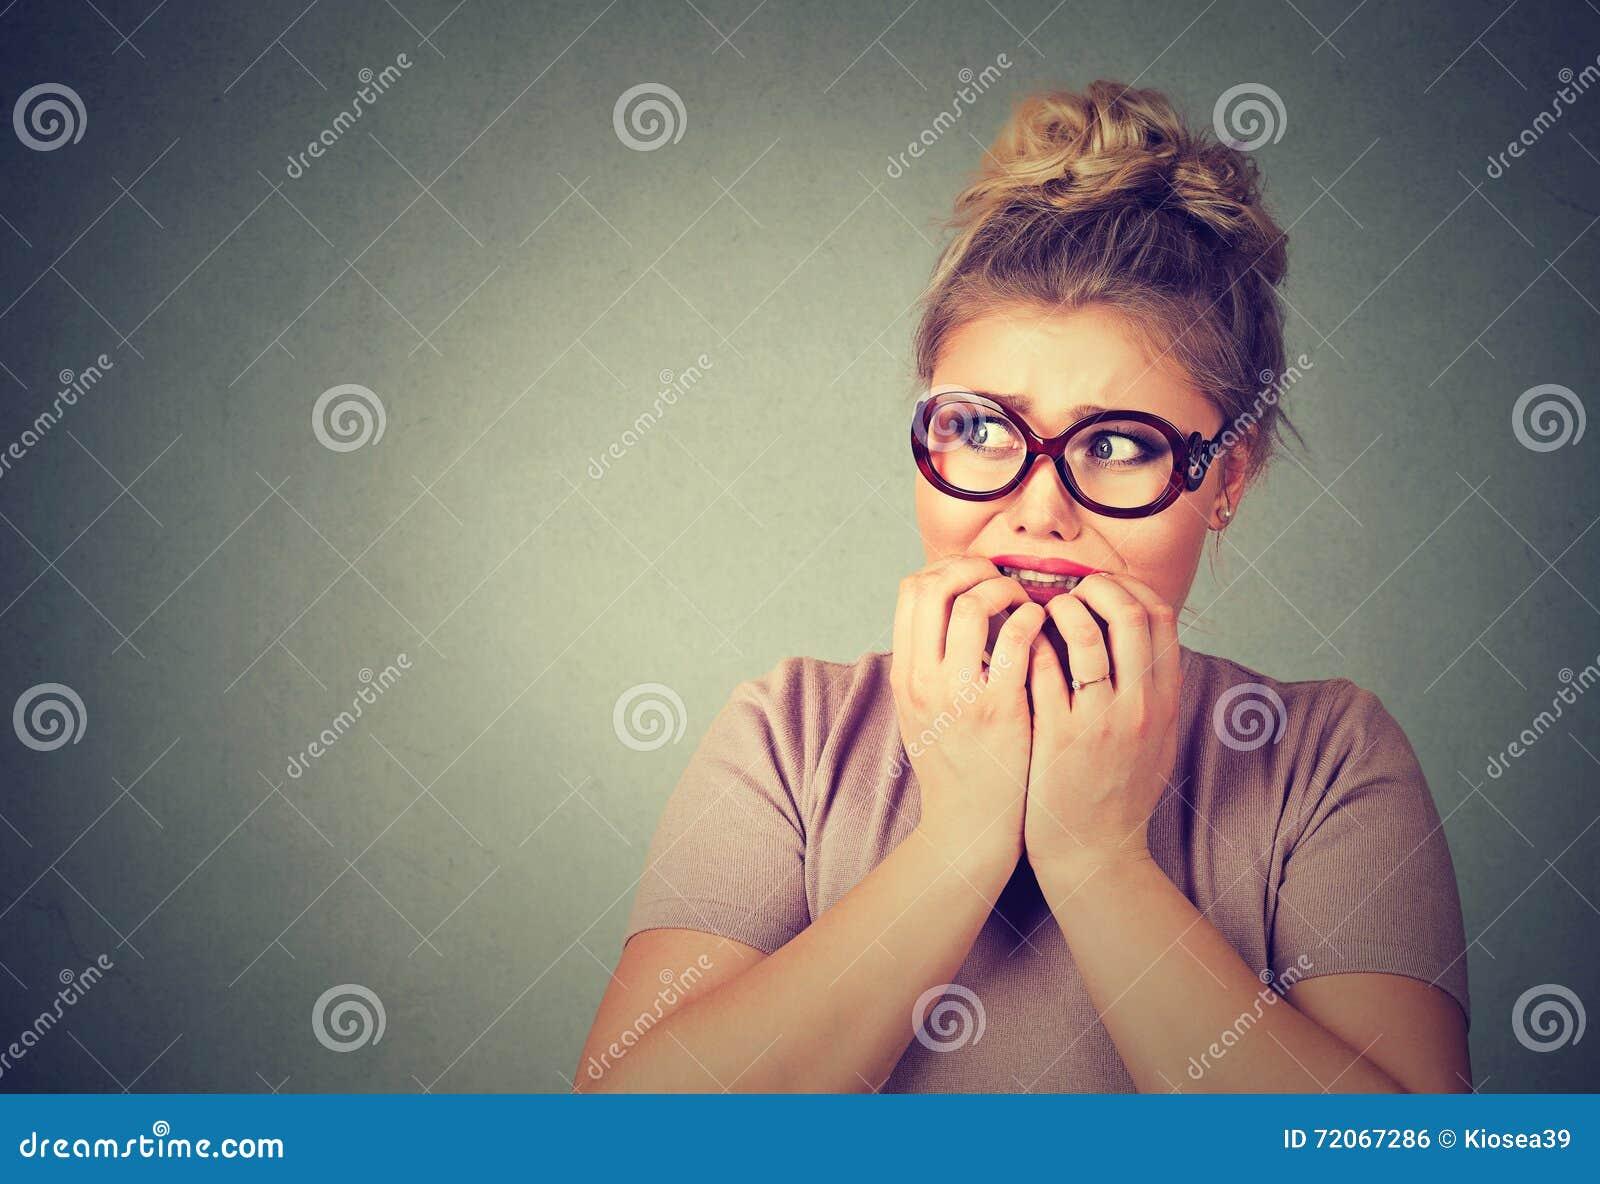 Nervöse betonte junge nerdy Frau in den Gläsern die Fingernägel beißend, die besorgt schauen